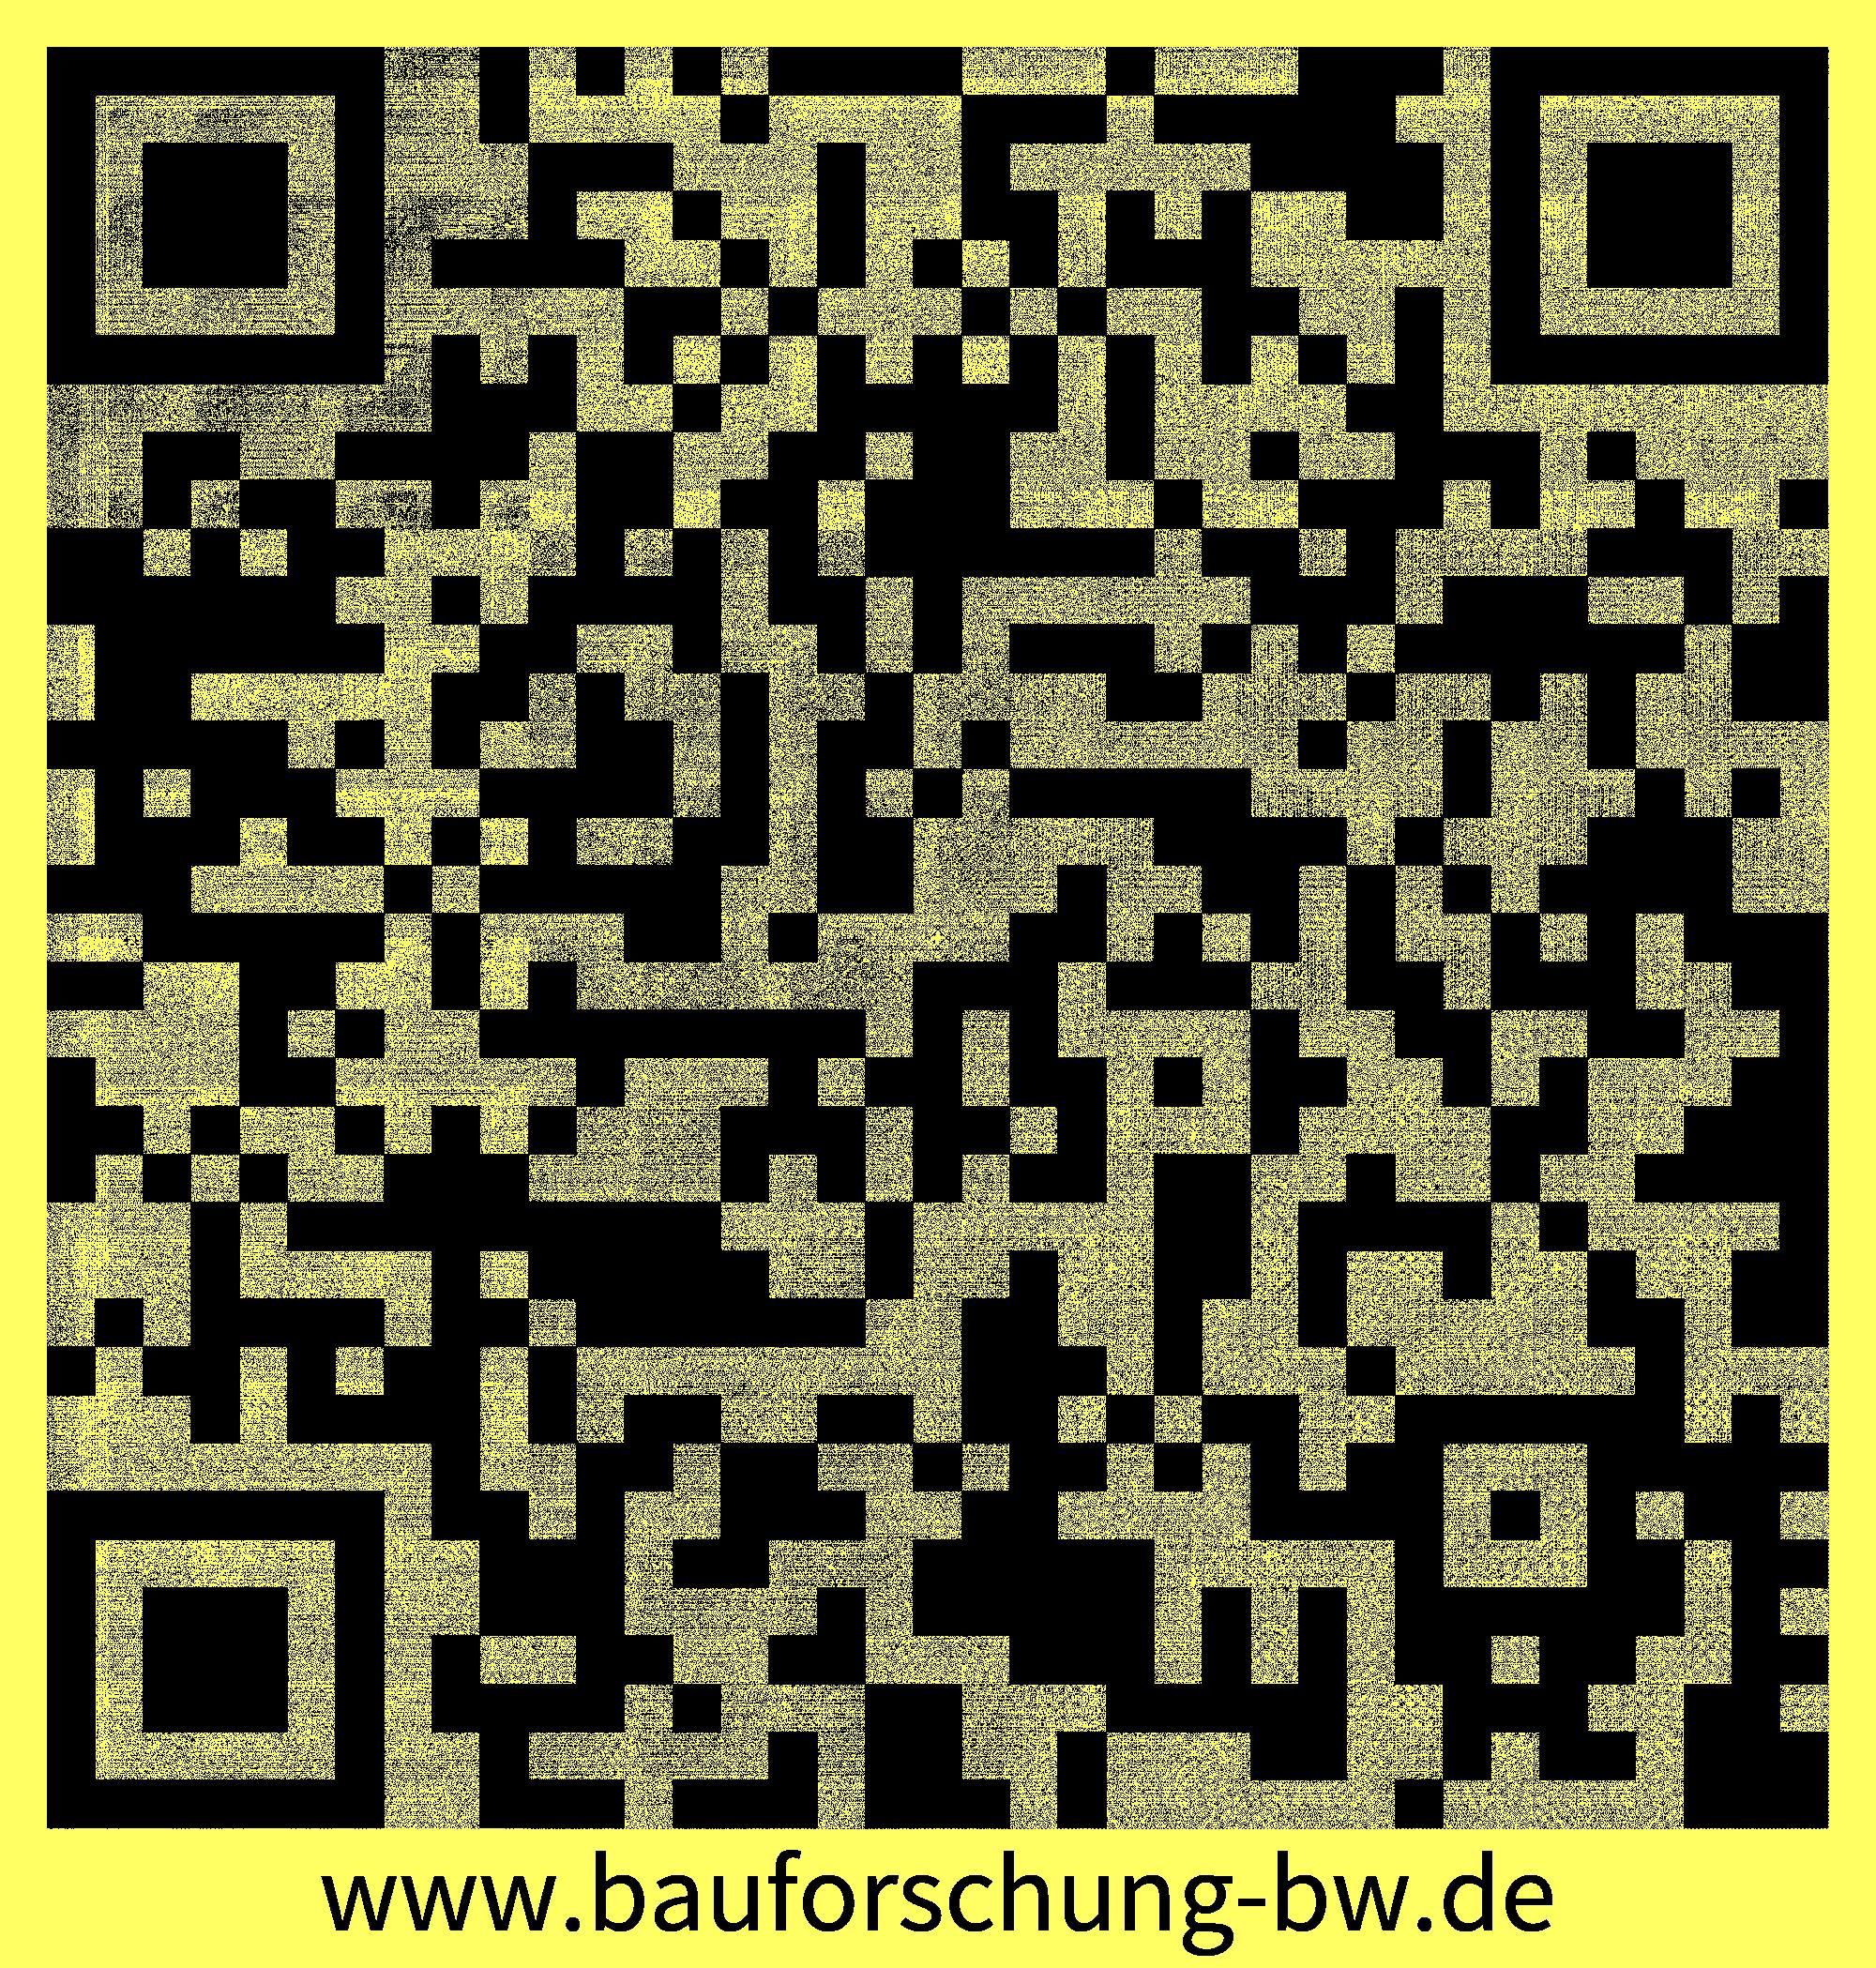 qrCode